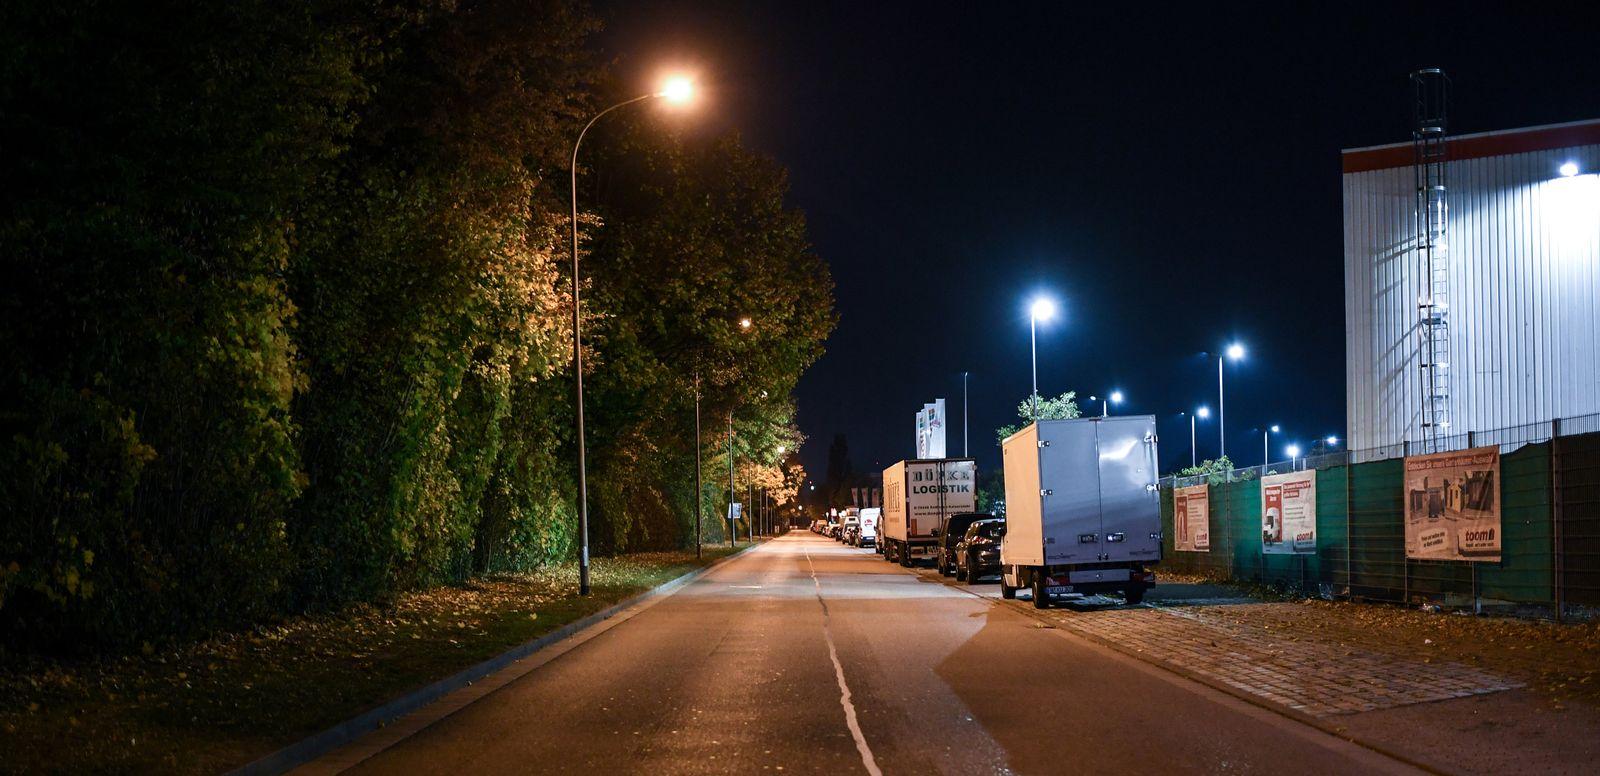 Vergewaltigung in Freiburg